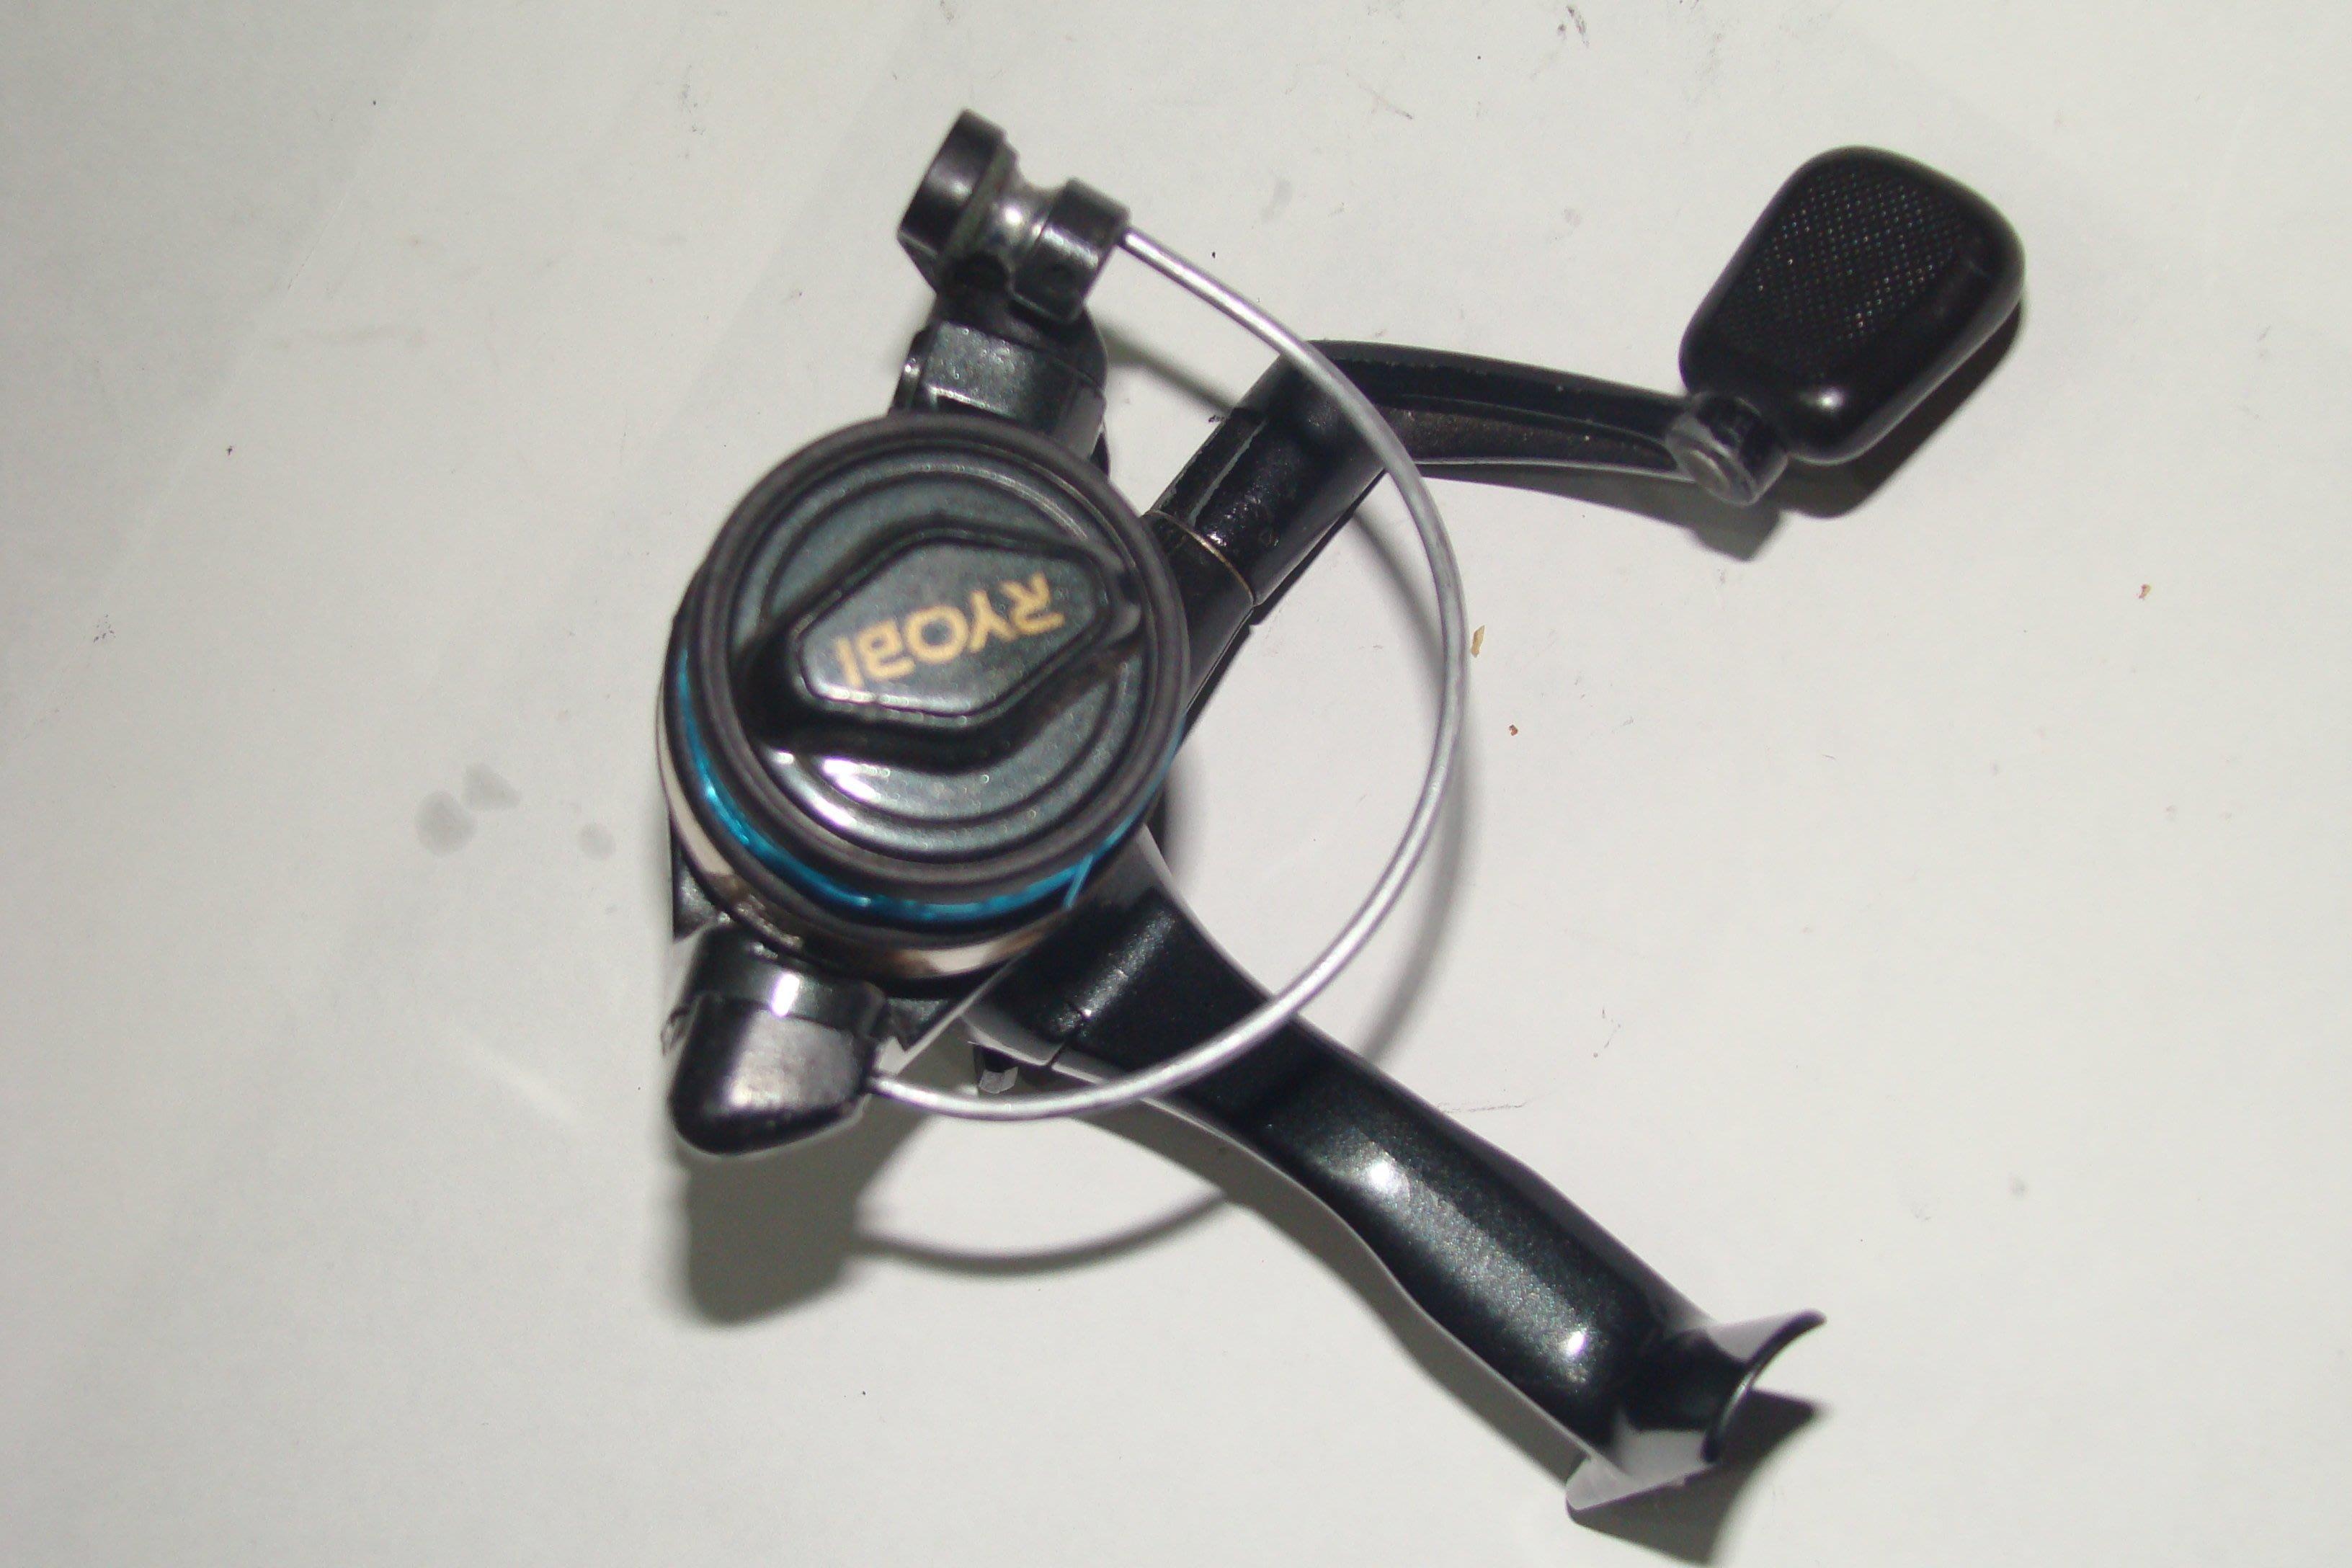 采潔 日本二手外匯釣具RYOBI 70型二手釣具 中古釣竿 捲線器 遠投 中古釣具 二手釣竿編號R62